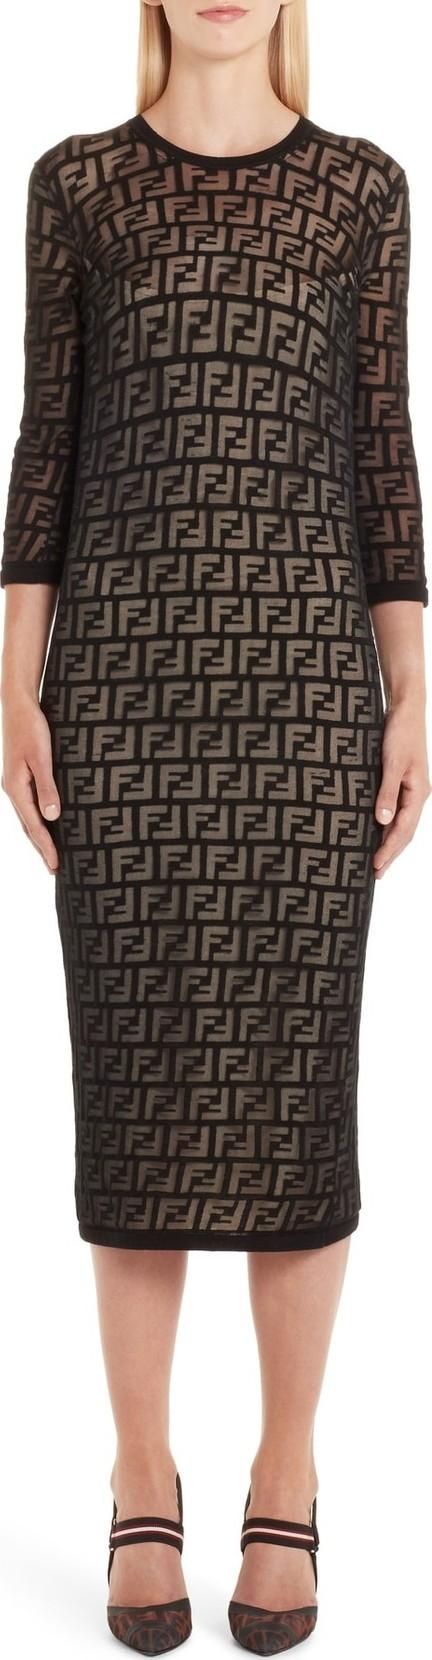 Fendi FF Devoré Knit Dress